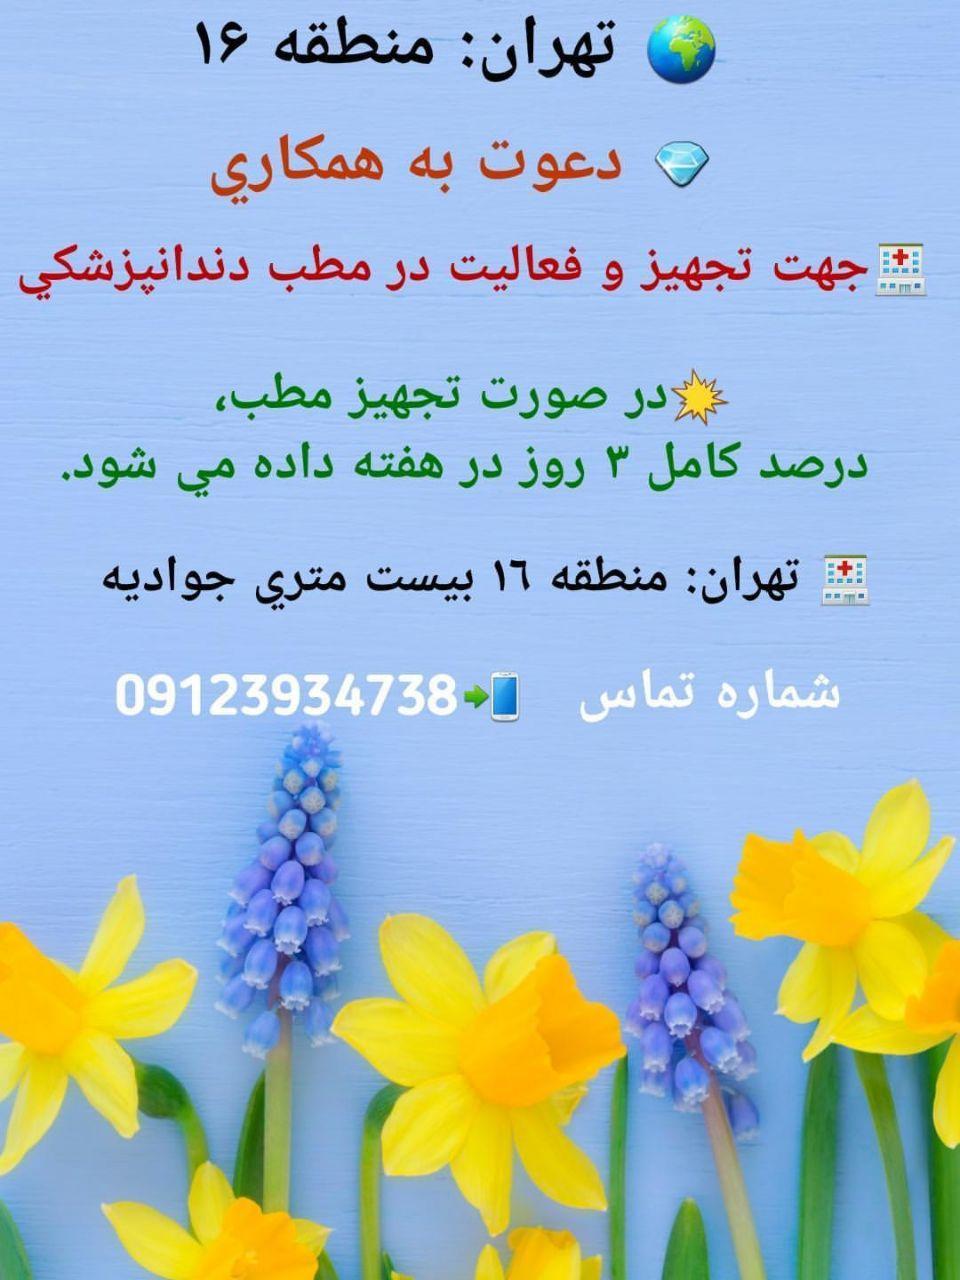 تهران: منطقه ۱۶، دعوت به همکاری از جهت تجهیز و فعالیت در مطب دندانپزشکی